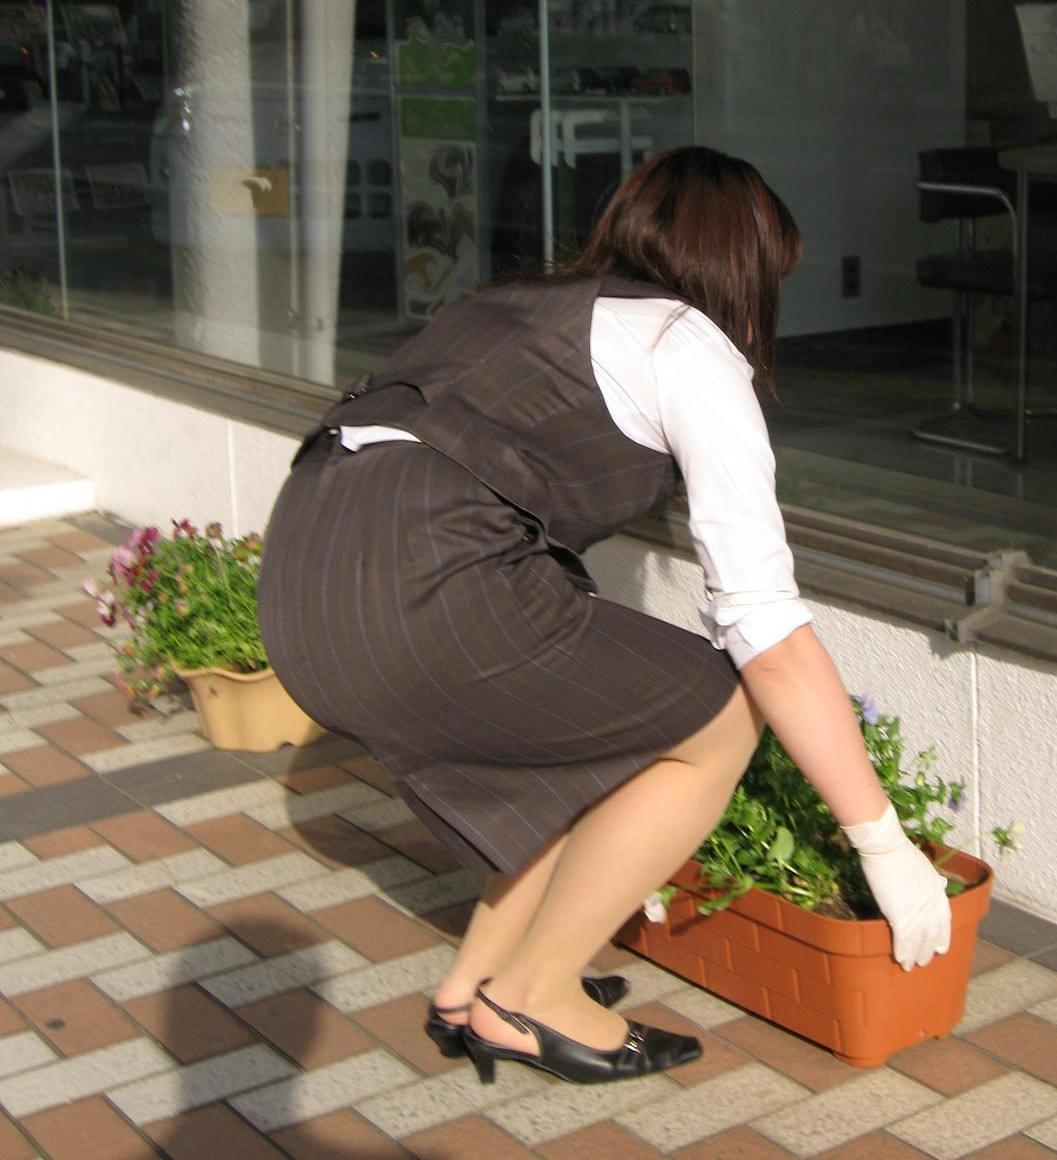 OLのパンチラとかスーツにピタッと張り付くお尻にオチンコ擦りつけたい街撮りエロ画像 47